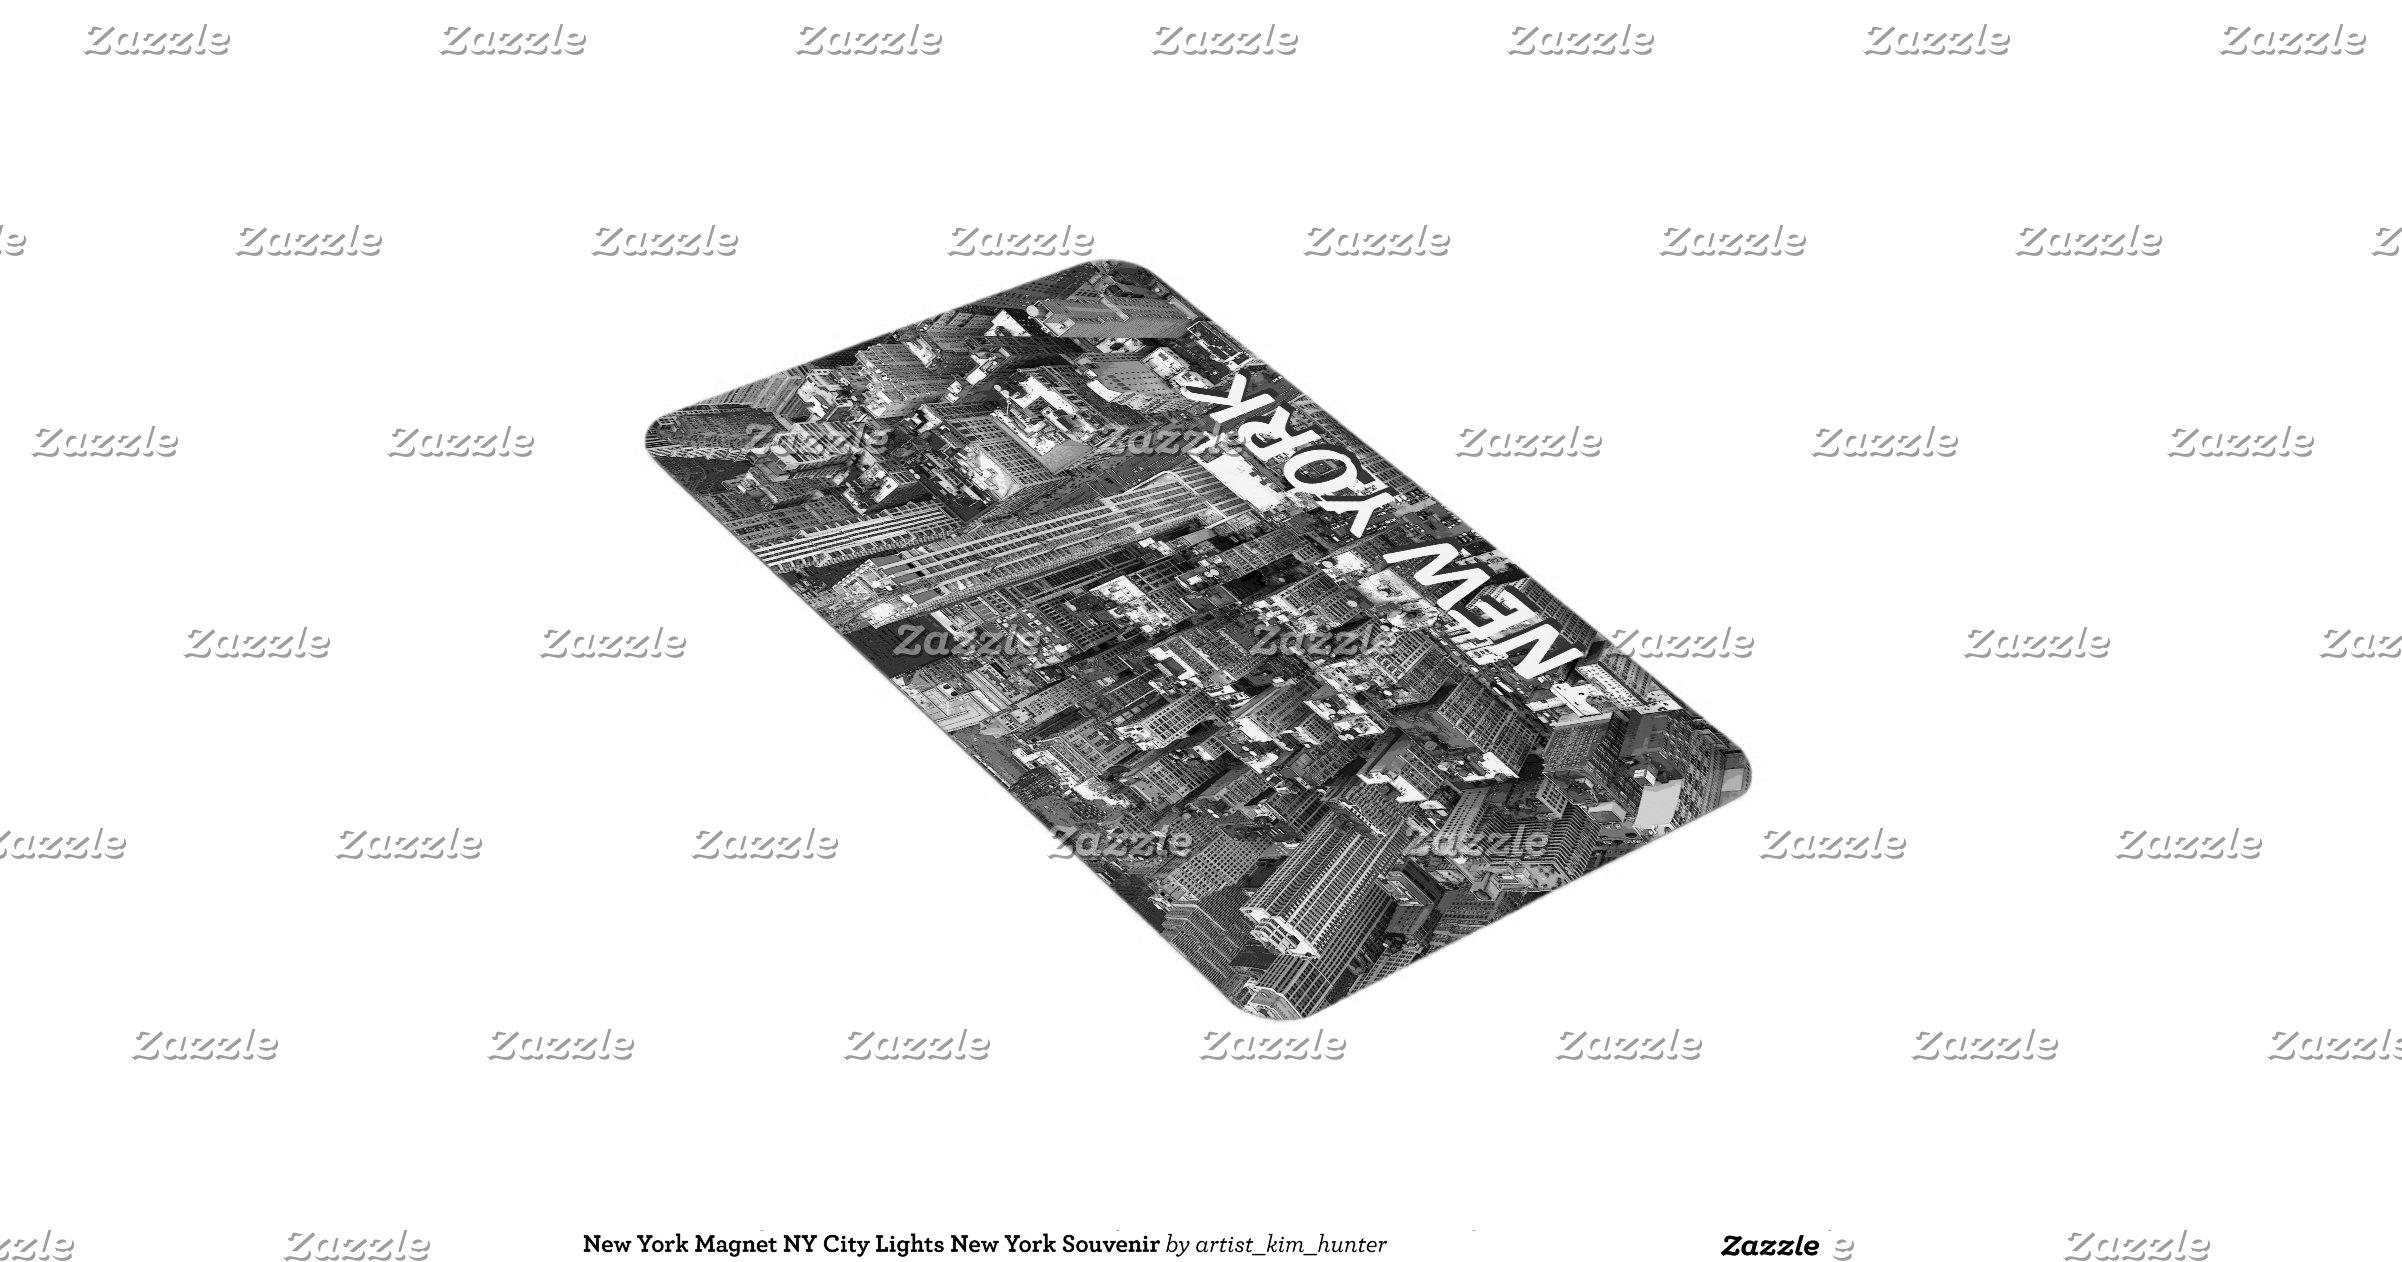 Nycity matchmaking new york ny